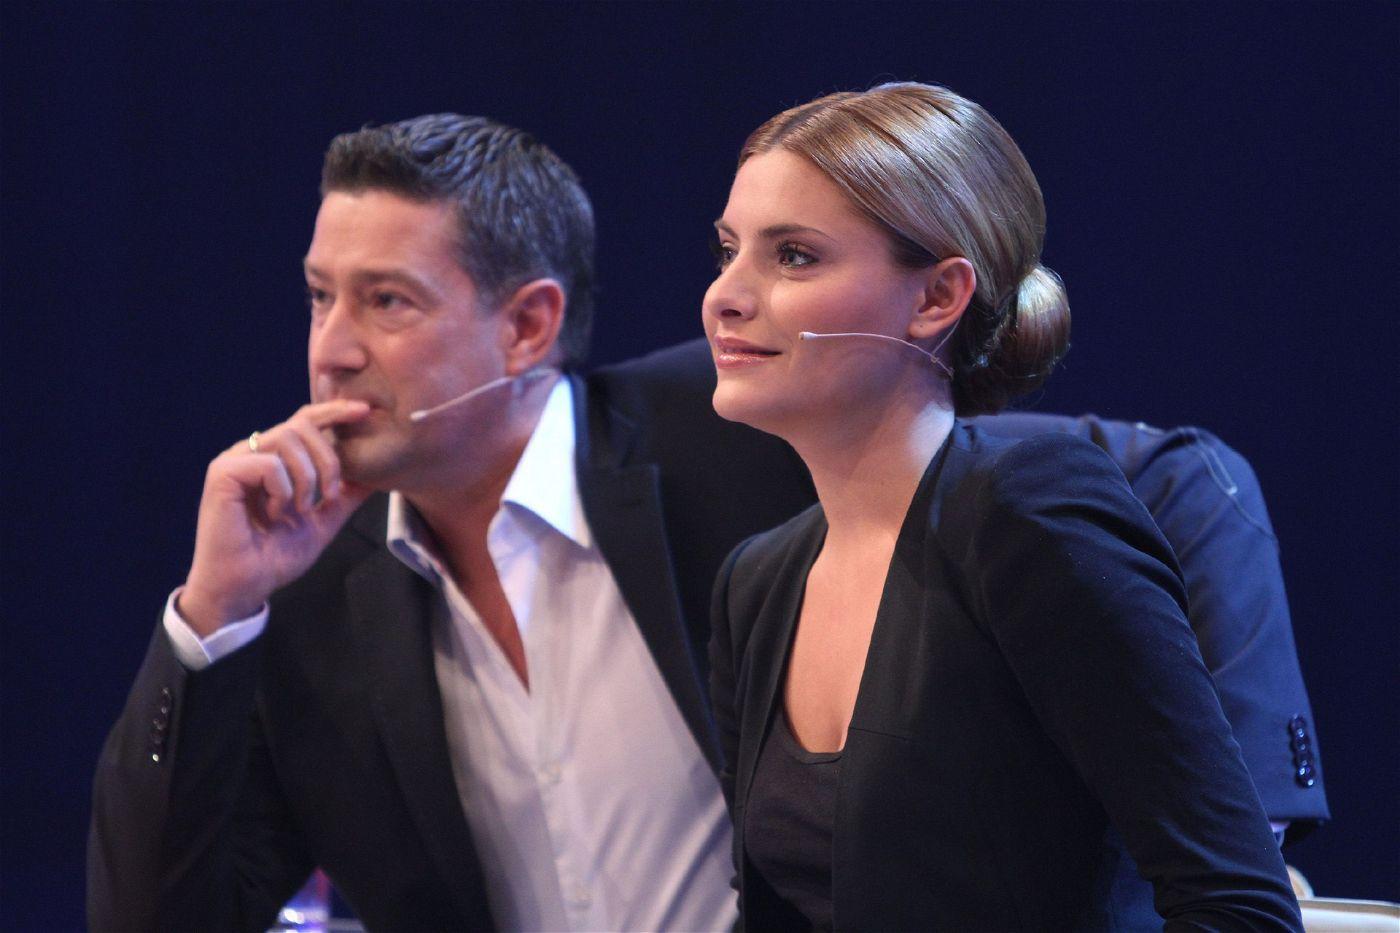 In der dritten Staffel, die im April 2010 ausgestrahlt wurde, tanzte sich Sophia Thomalla (hier mit Juror Joachim Llambi zu sehen) an der Seite von Profi Massimo Sinató zum Sieg.